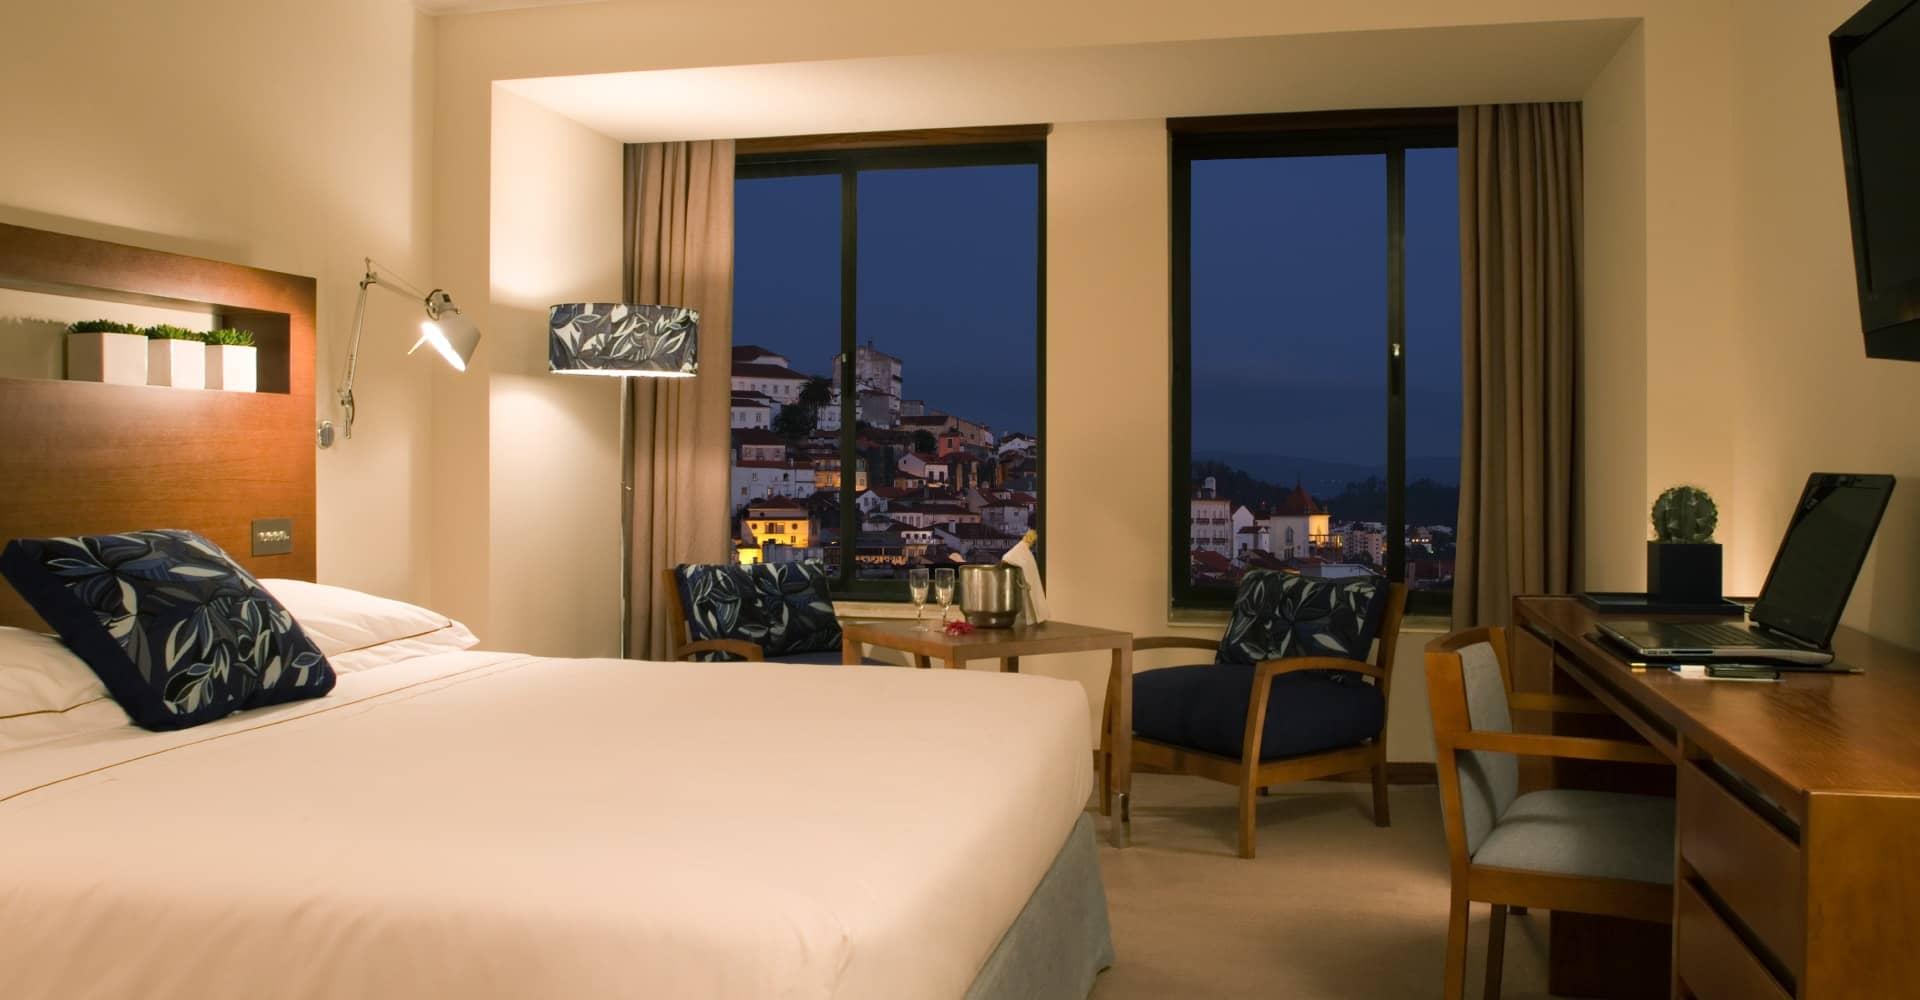 ¿Qué valoramos más a la hora de elegir hotel?